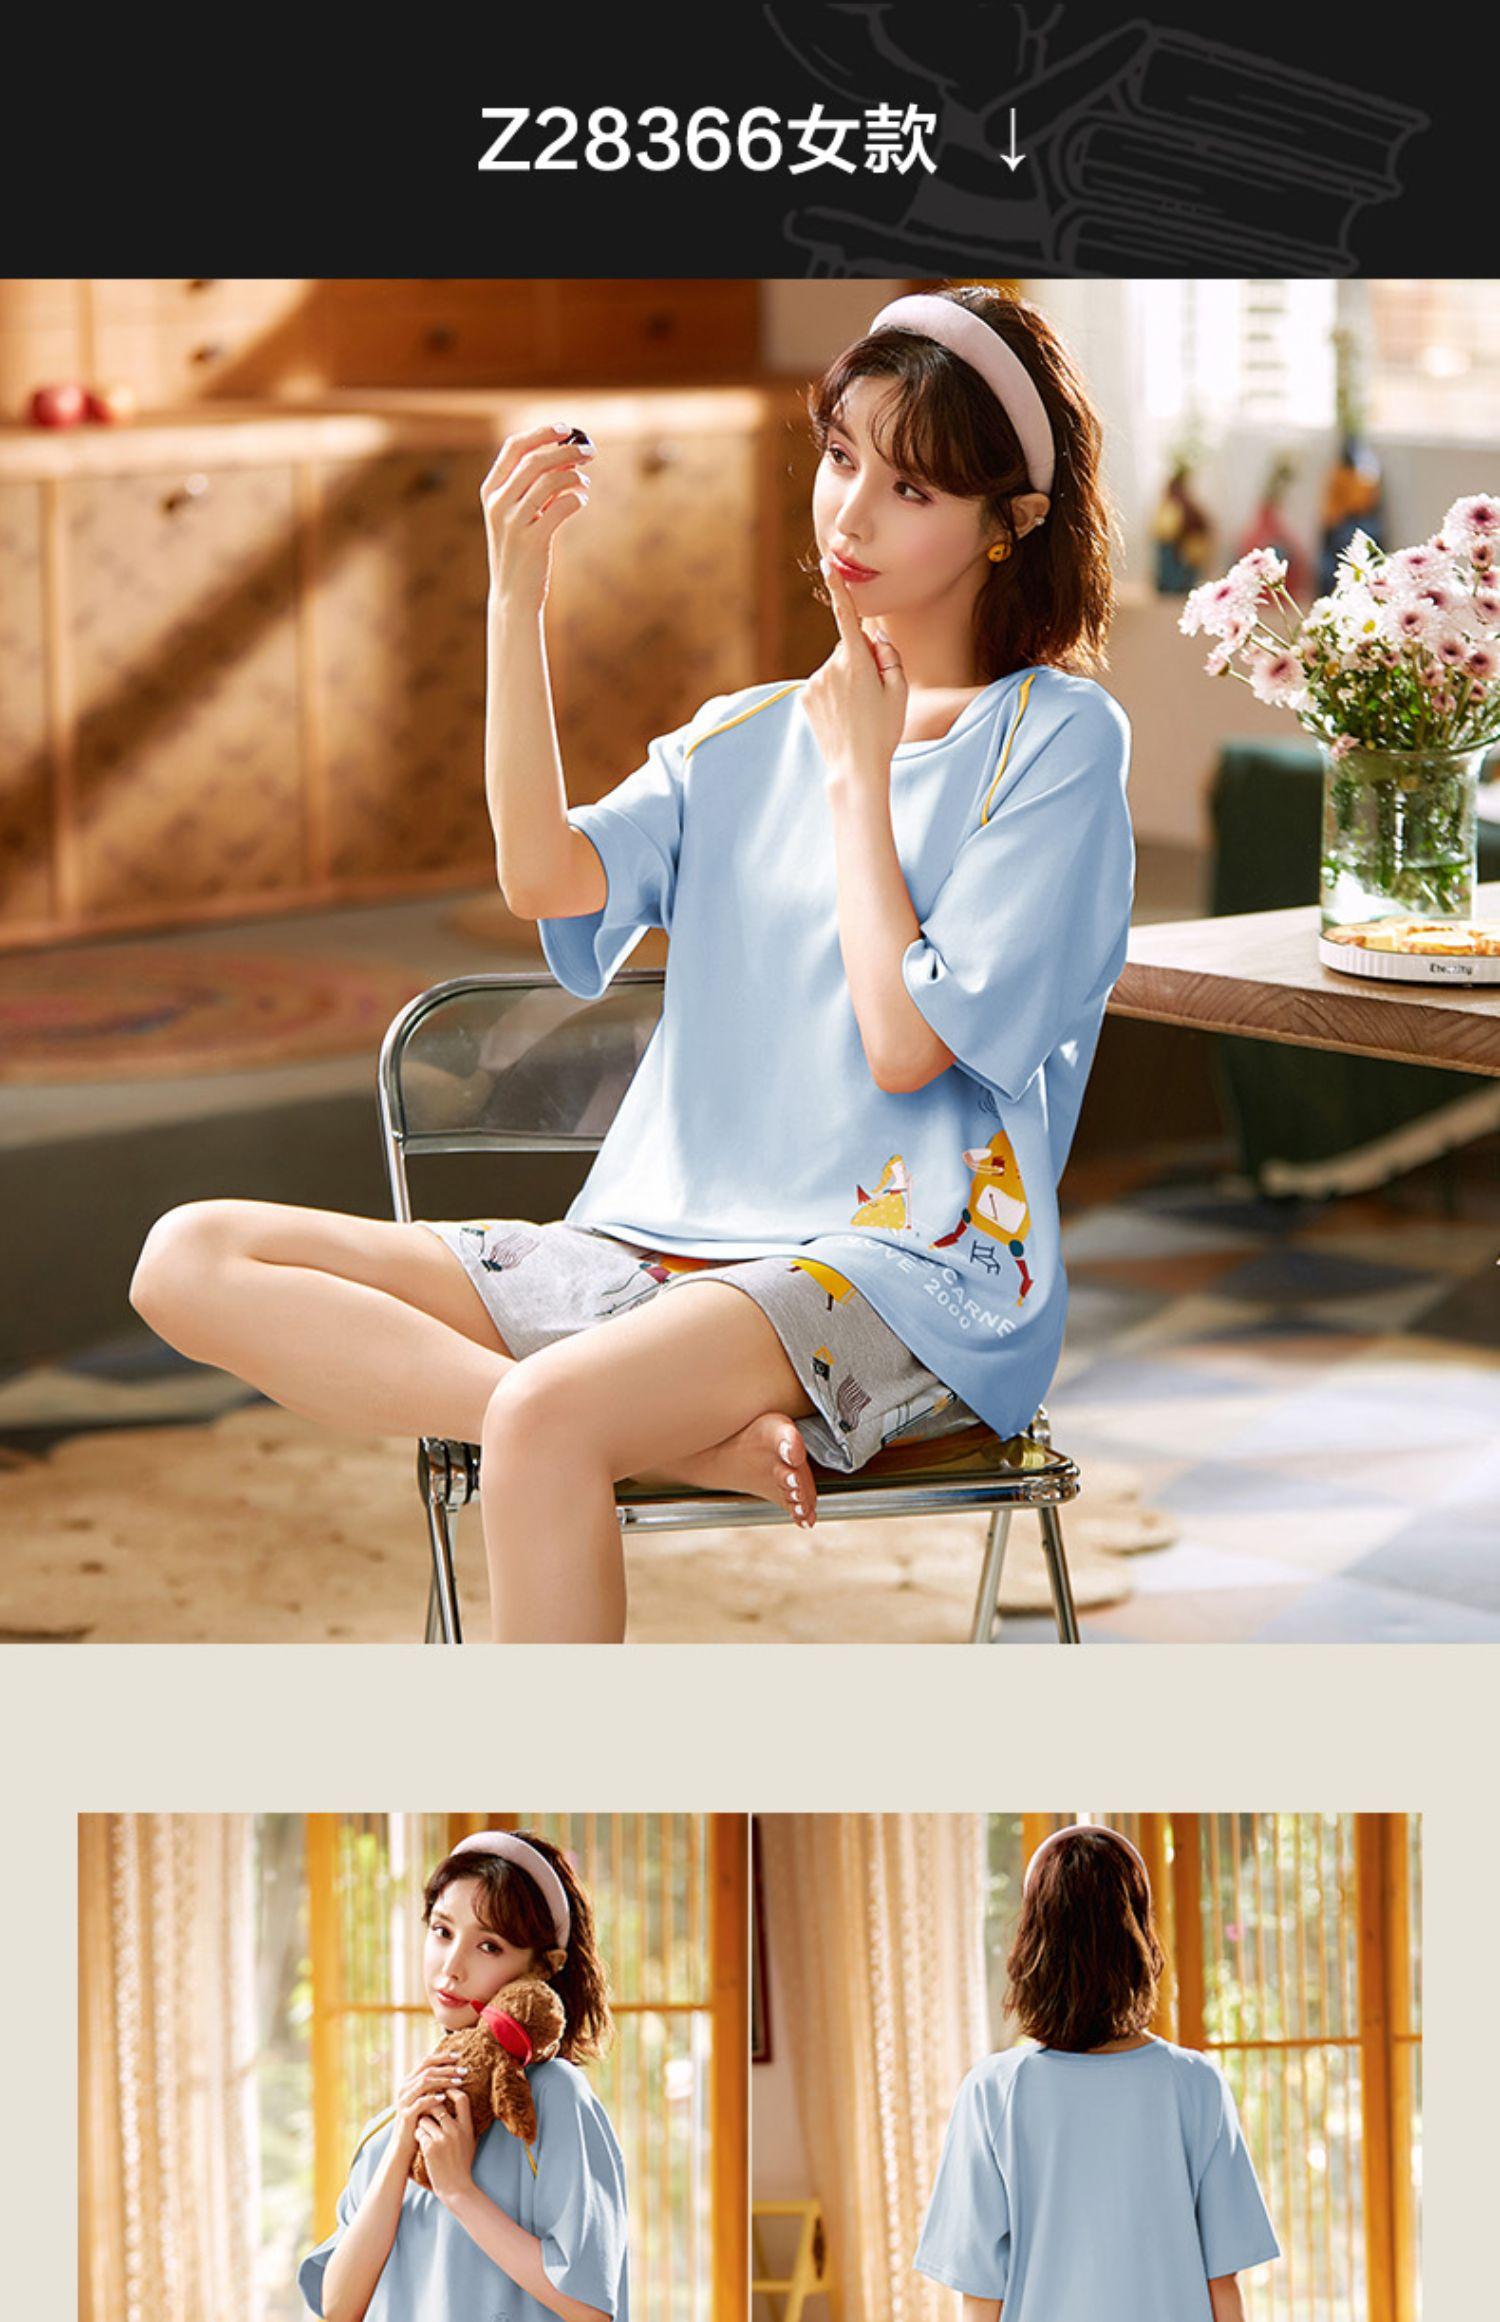 【全国包邮】夏季新款纯棉睡衣两件套